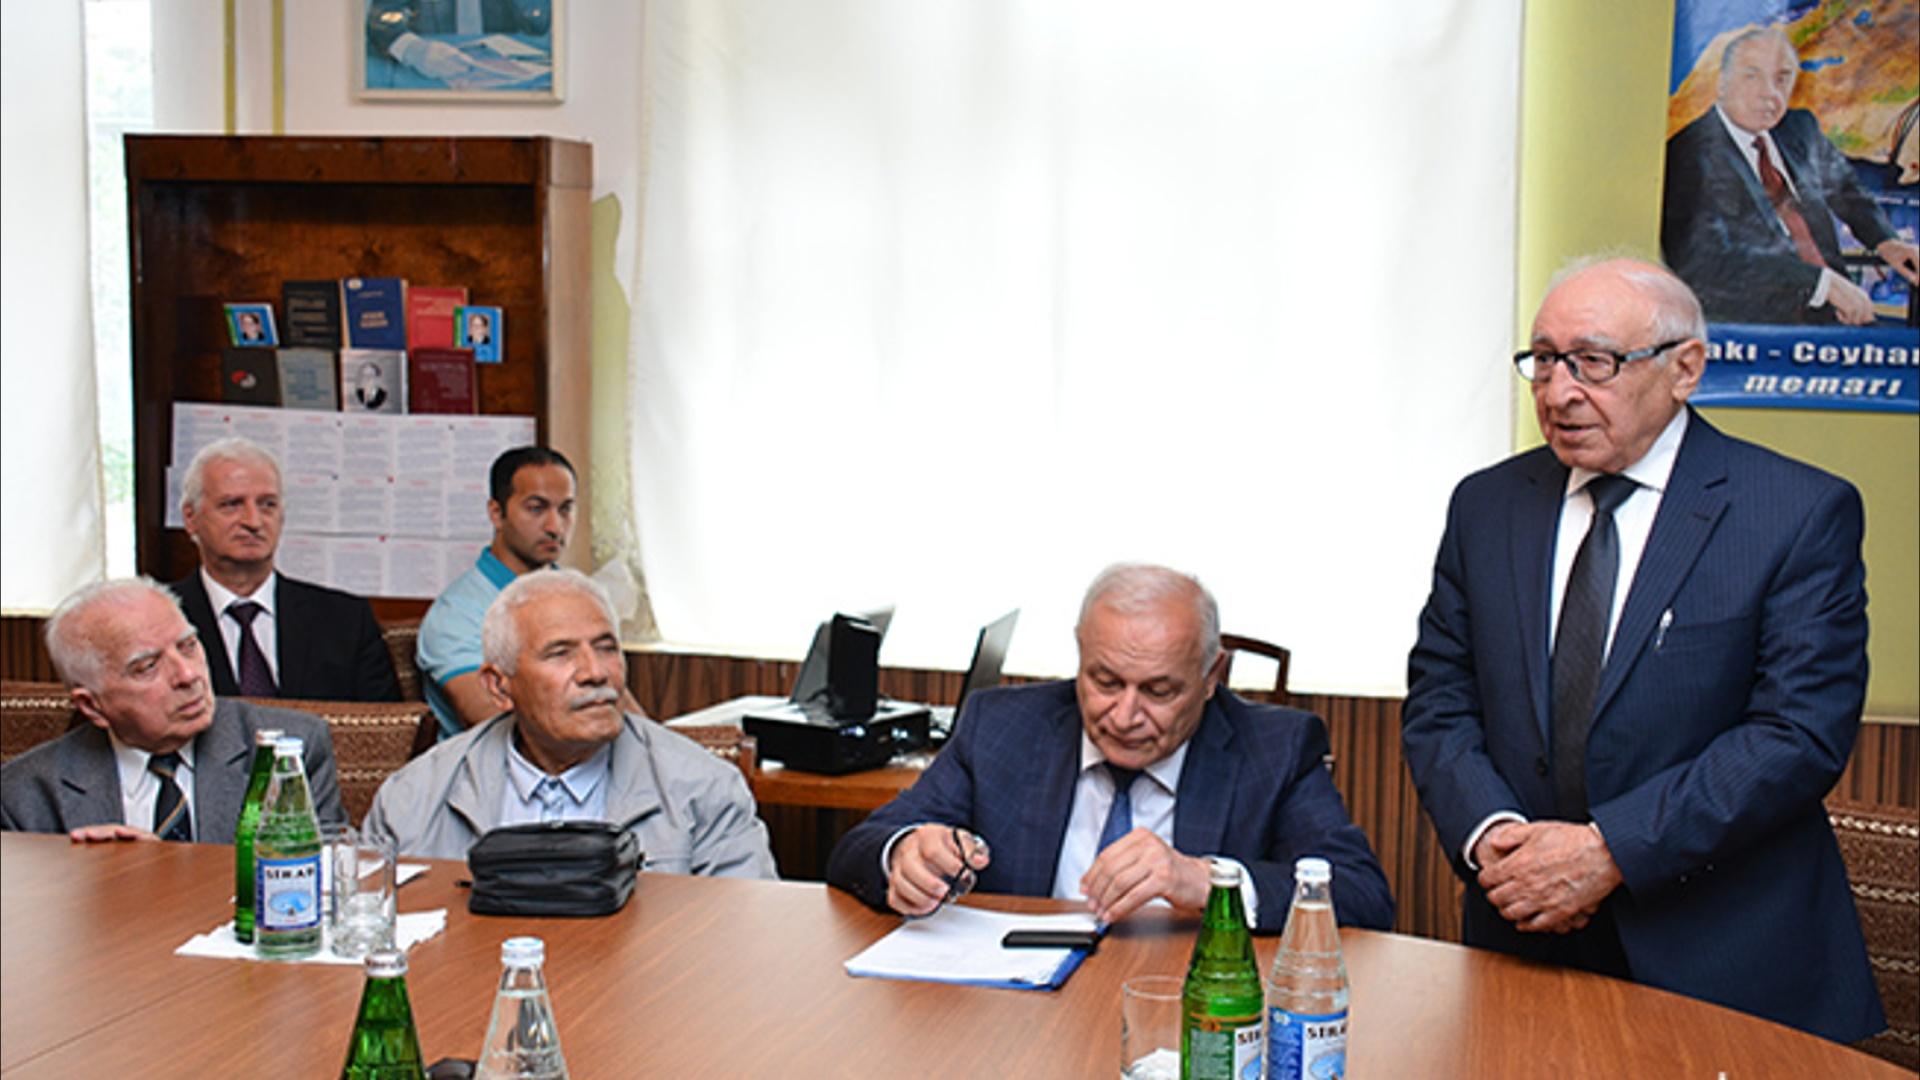 Görkəmli alim Əsgər Abdullayevin 90 illik yubileyinə həsr olunan tədbir keçirilib